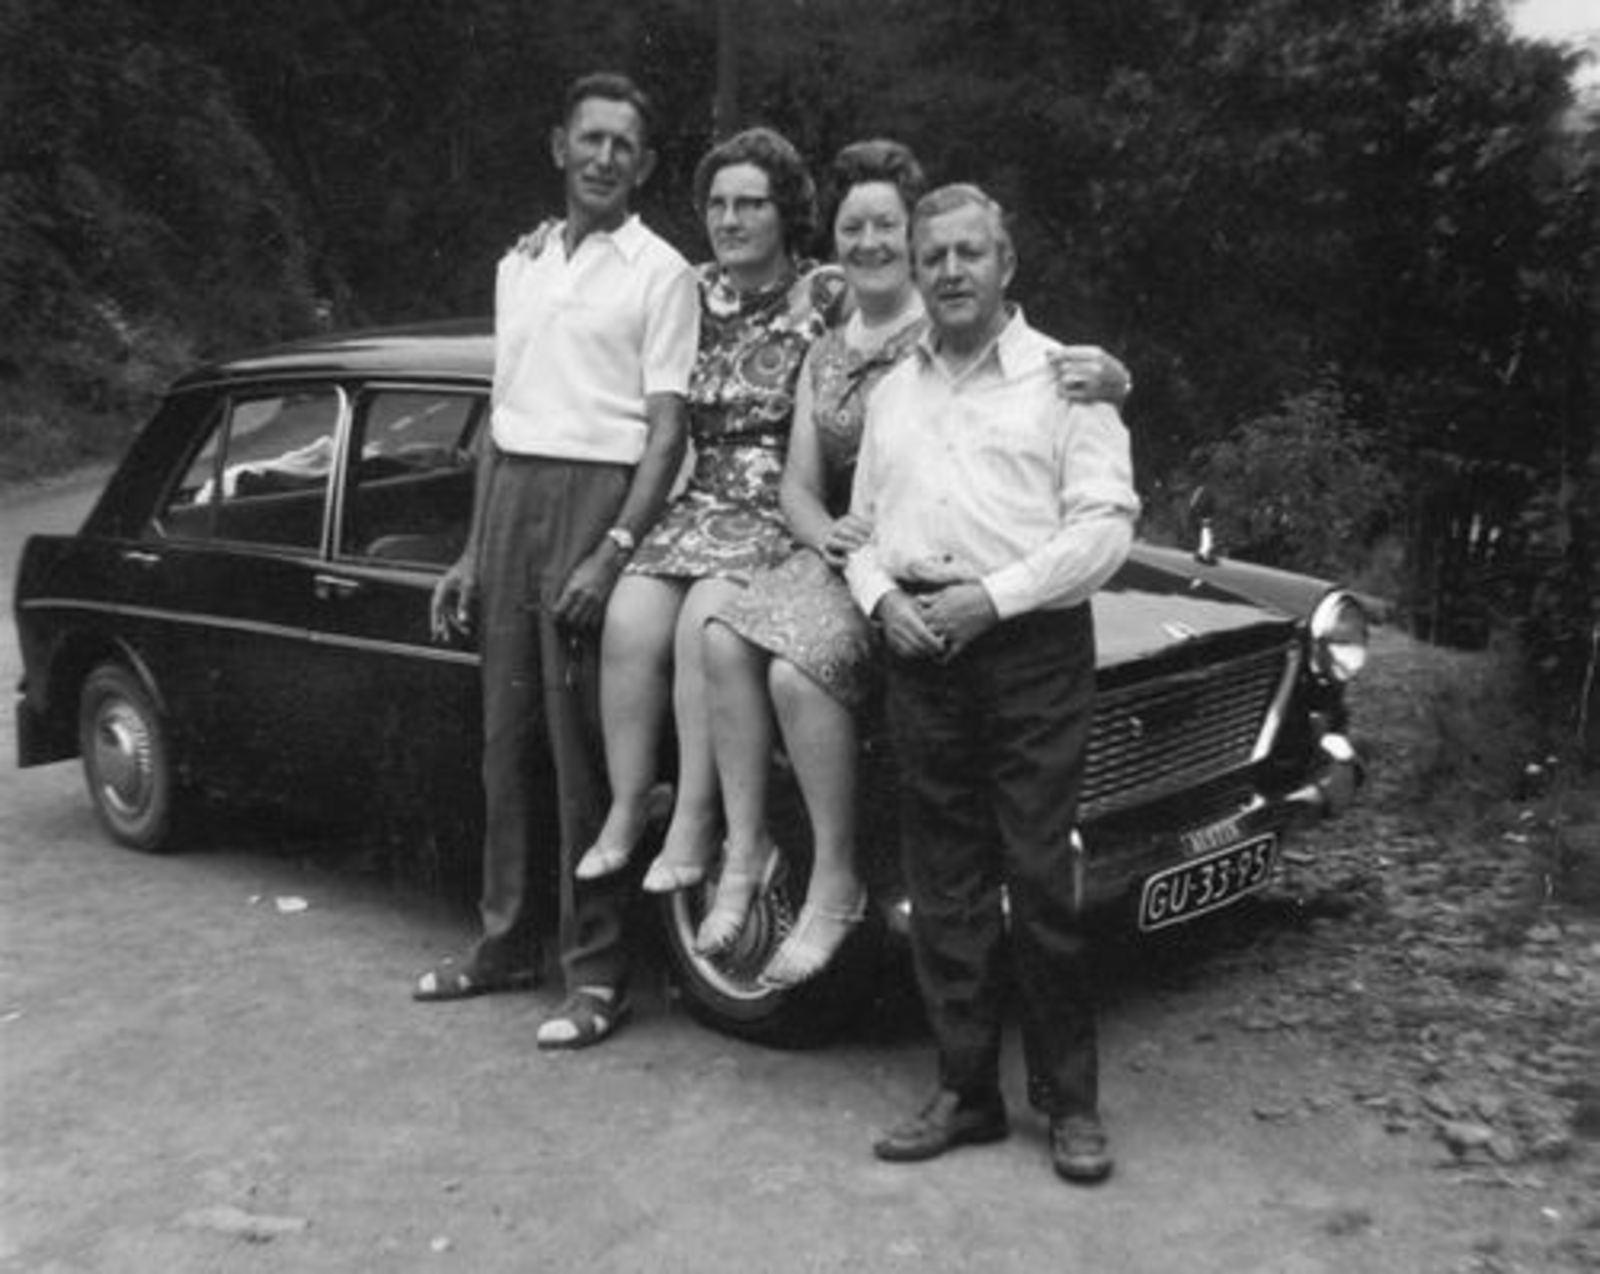 Imanse Iman C 1920 1969 Uitje met Riet en Roen Nelissen-Imanse